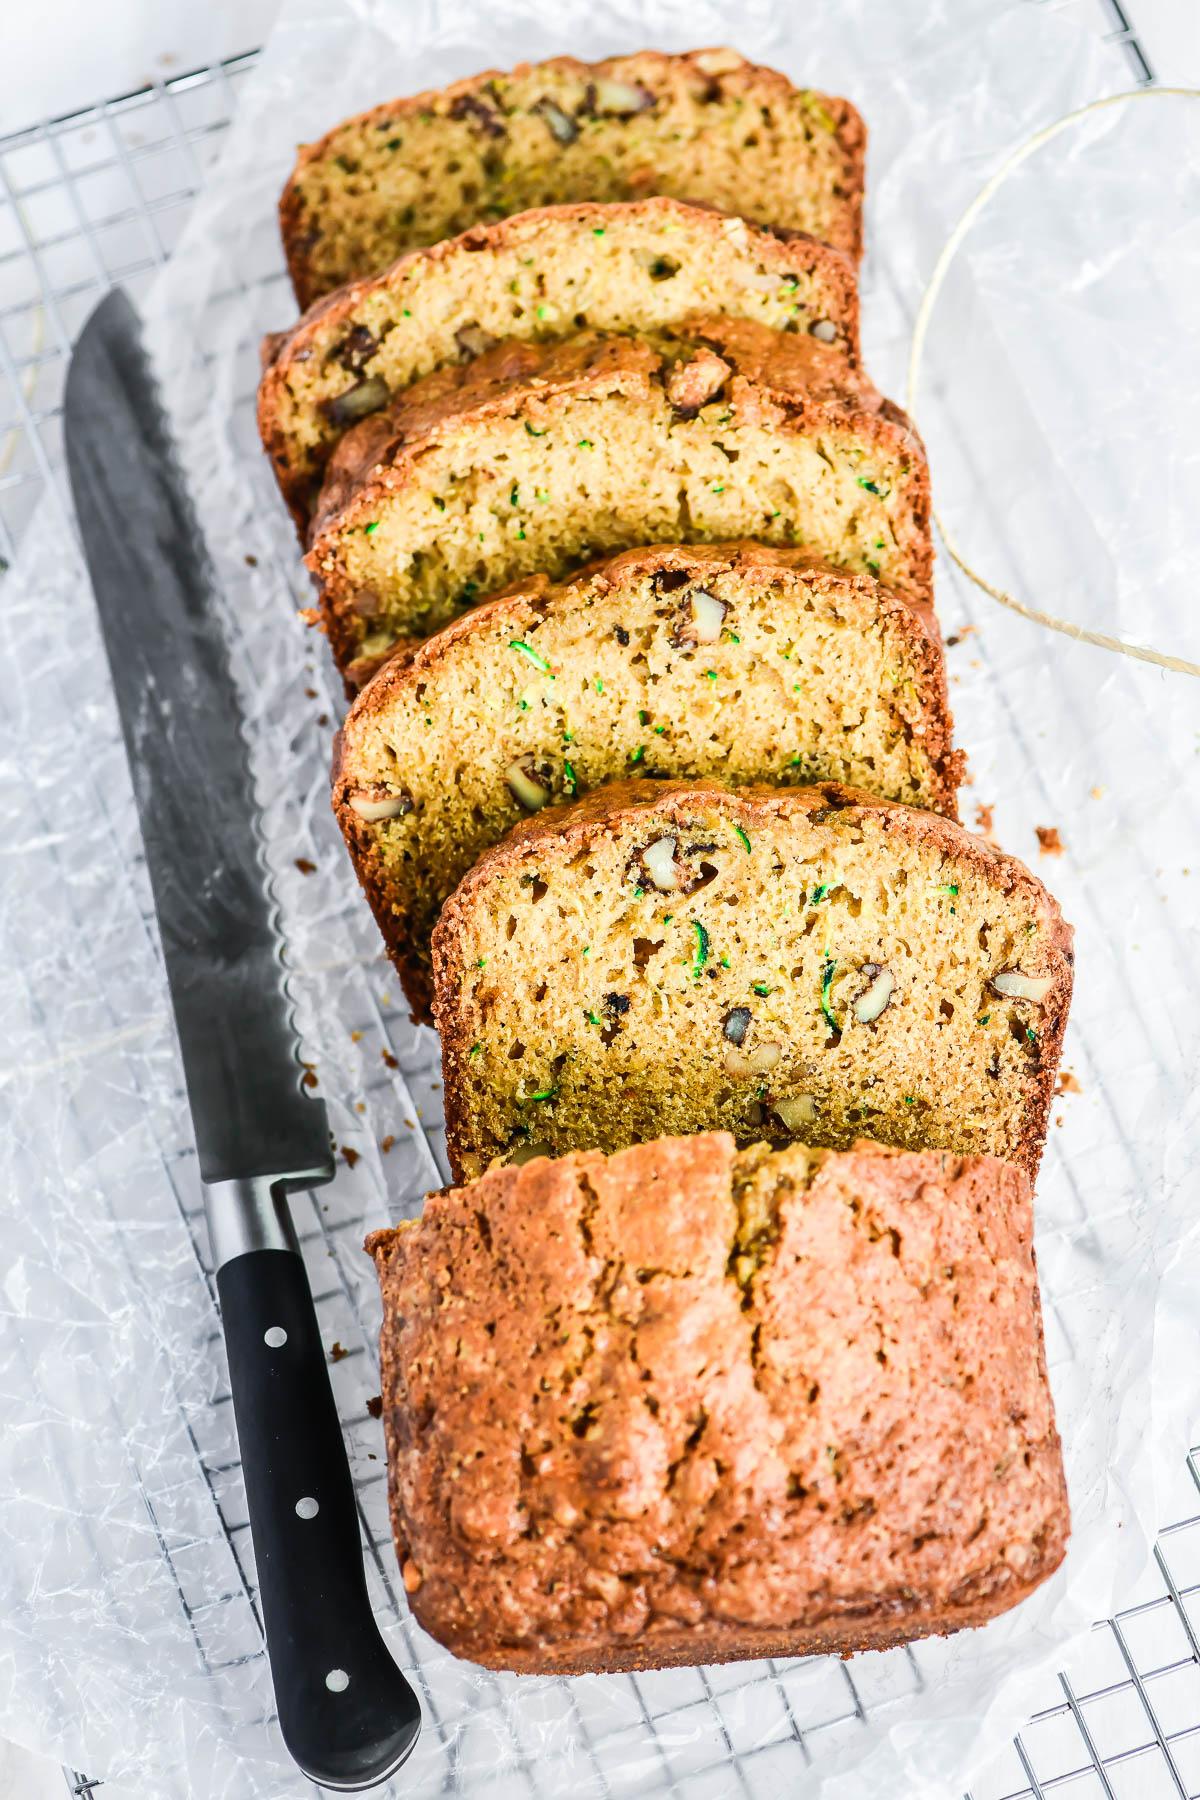 Zucchini bread, sliced